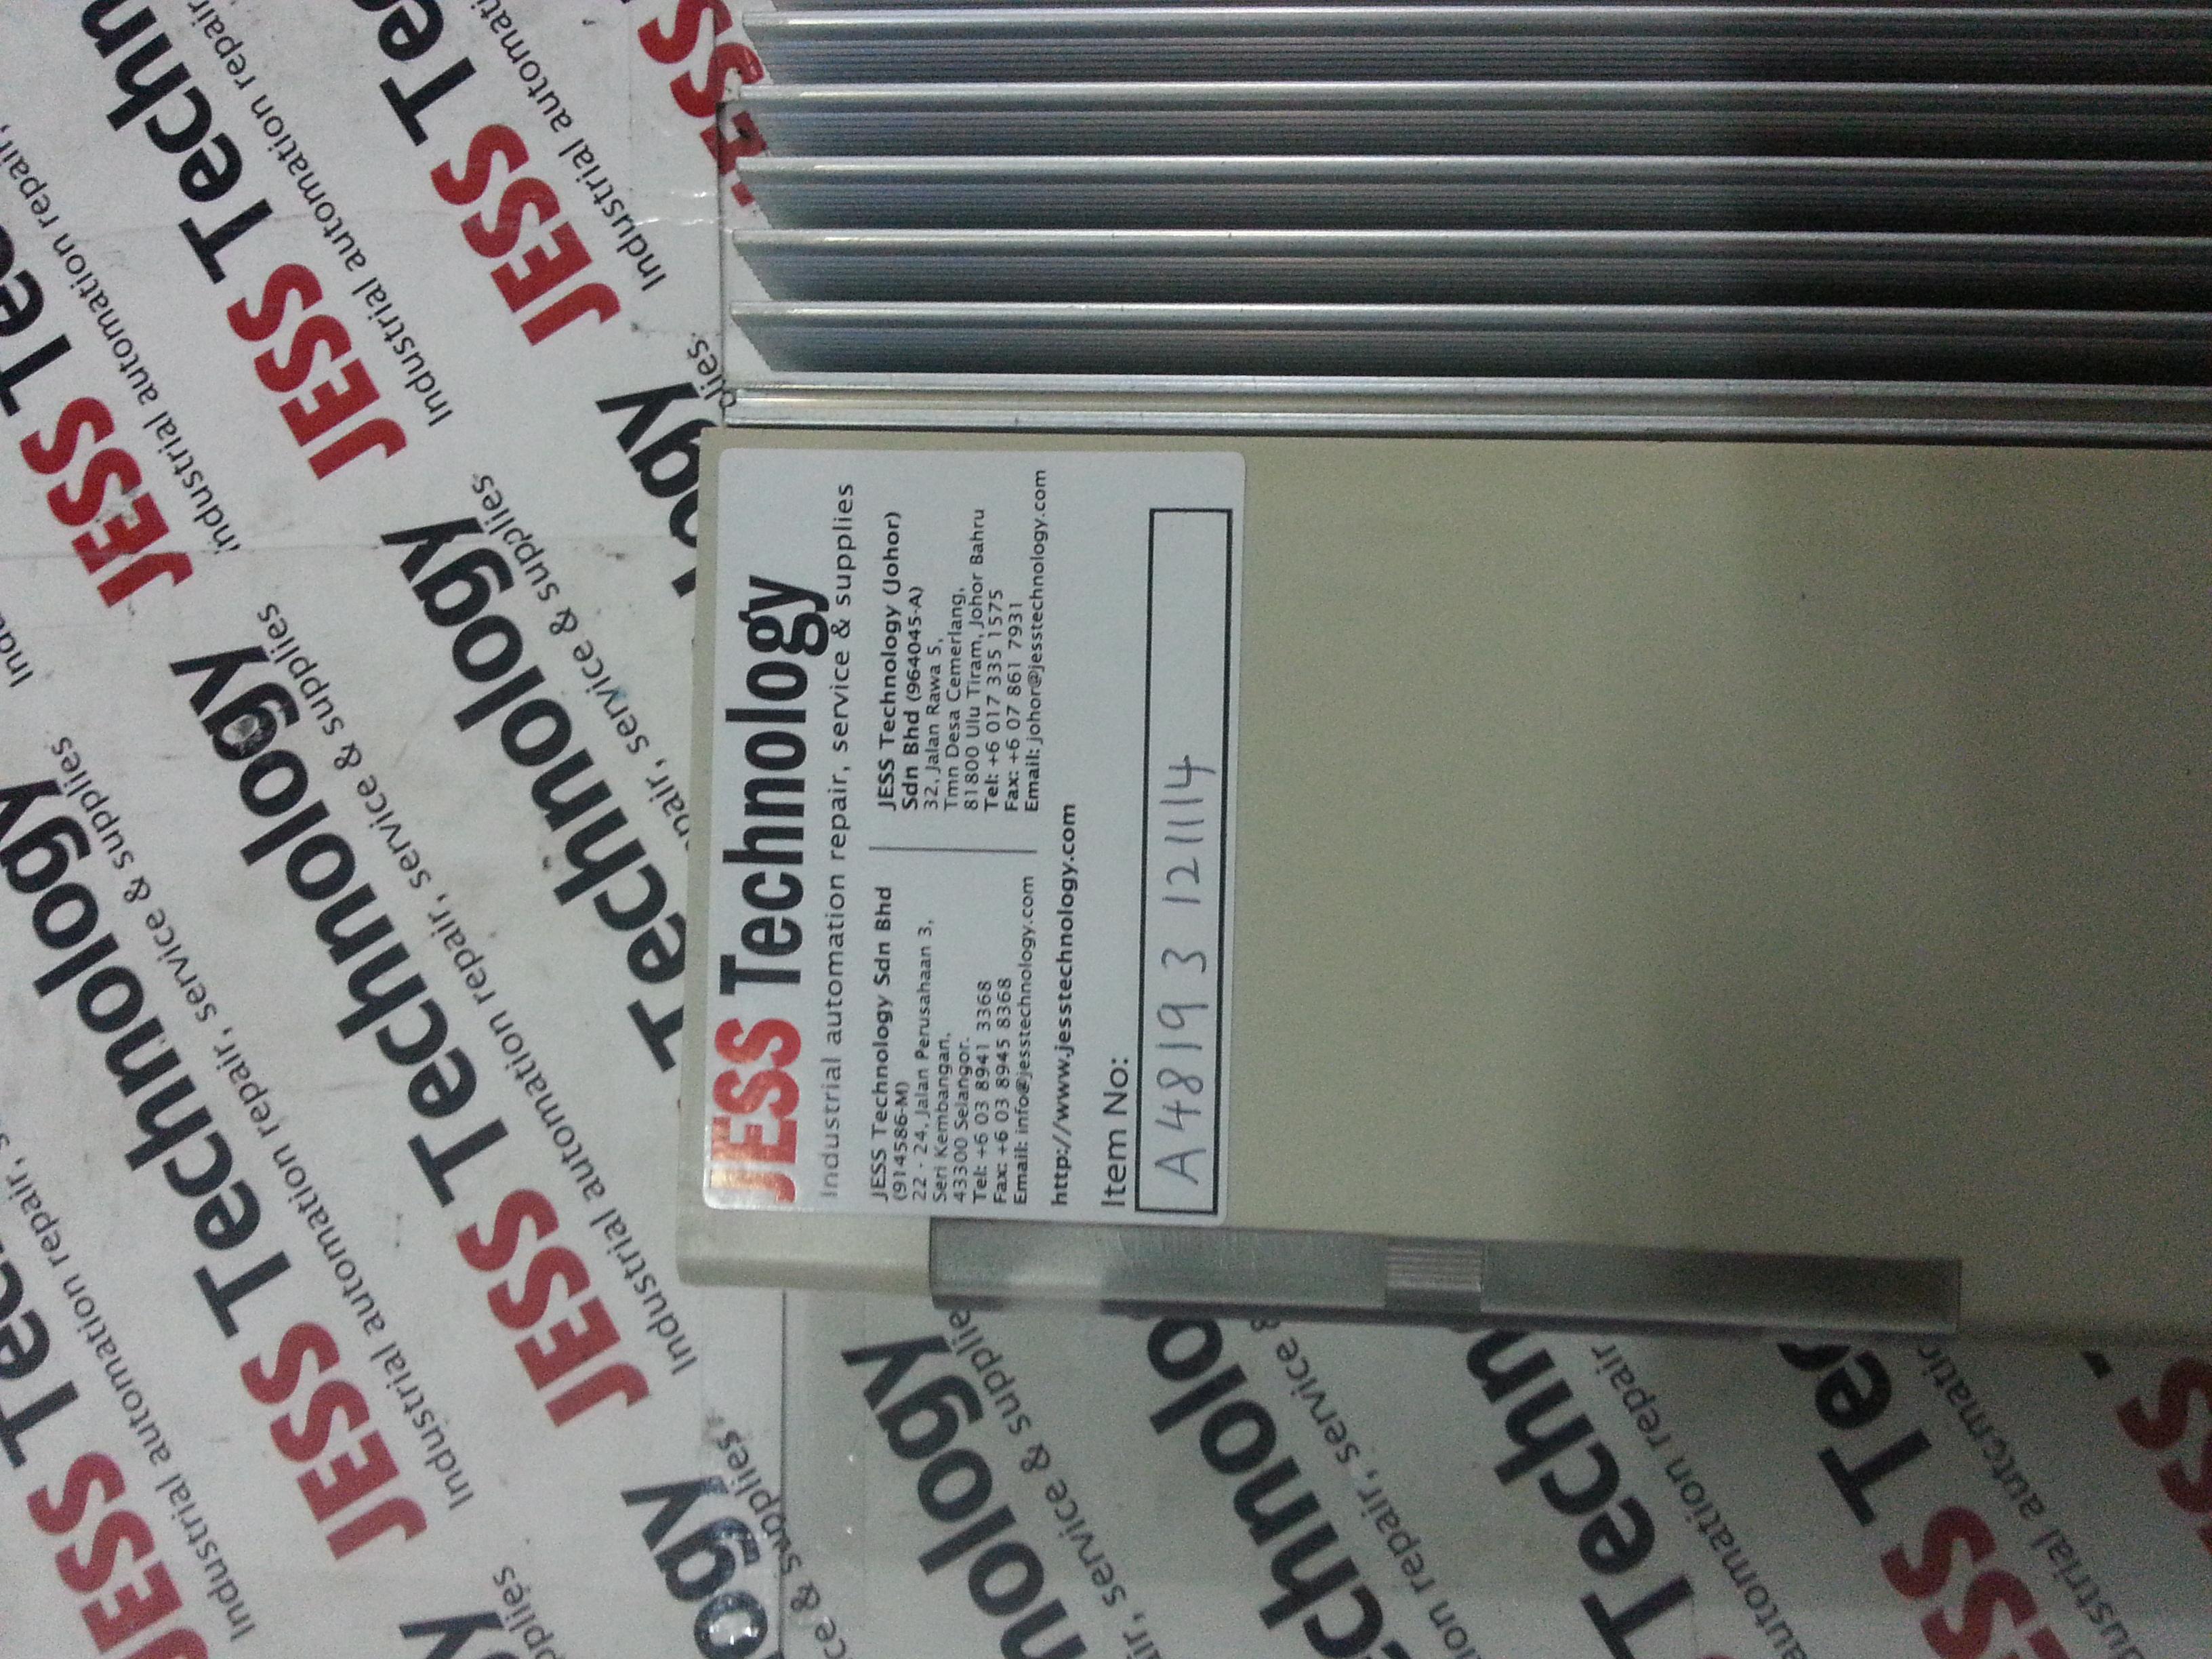 Repair SV4033 ARICO ARICO SSR in Malaysia, Singapore, Thailand, Indonesia